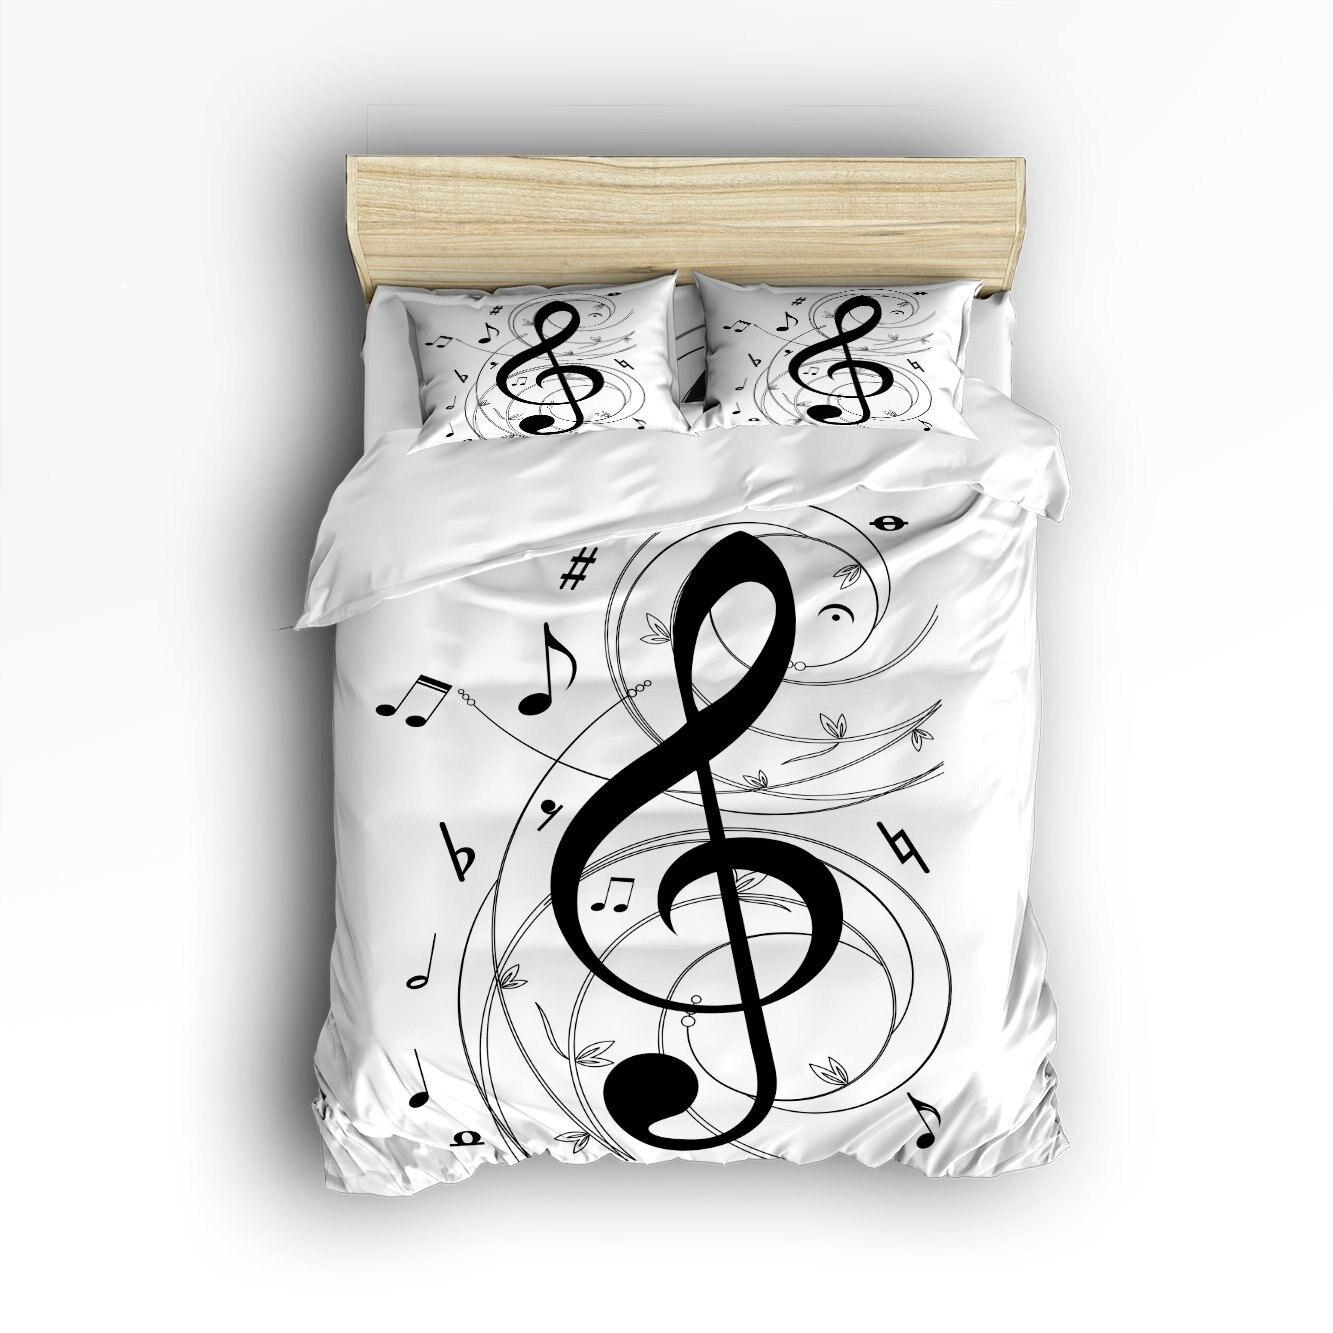 Copripiumino Note Musicali.Charmhome Note Musicali Stampato 3d Biancheria Da Letto Set 4 Pz